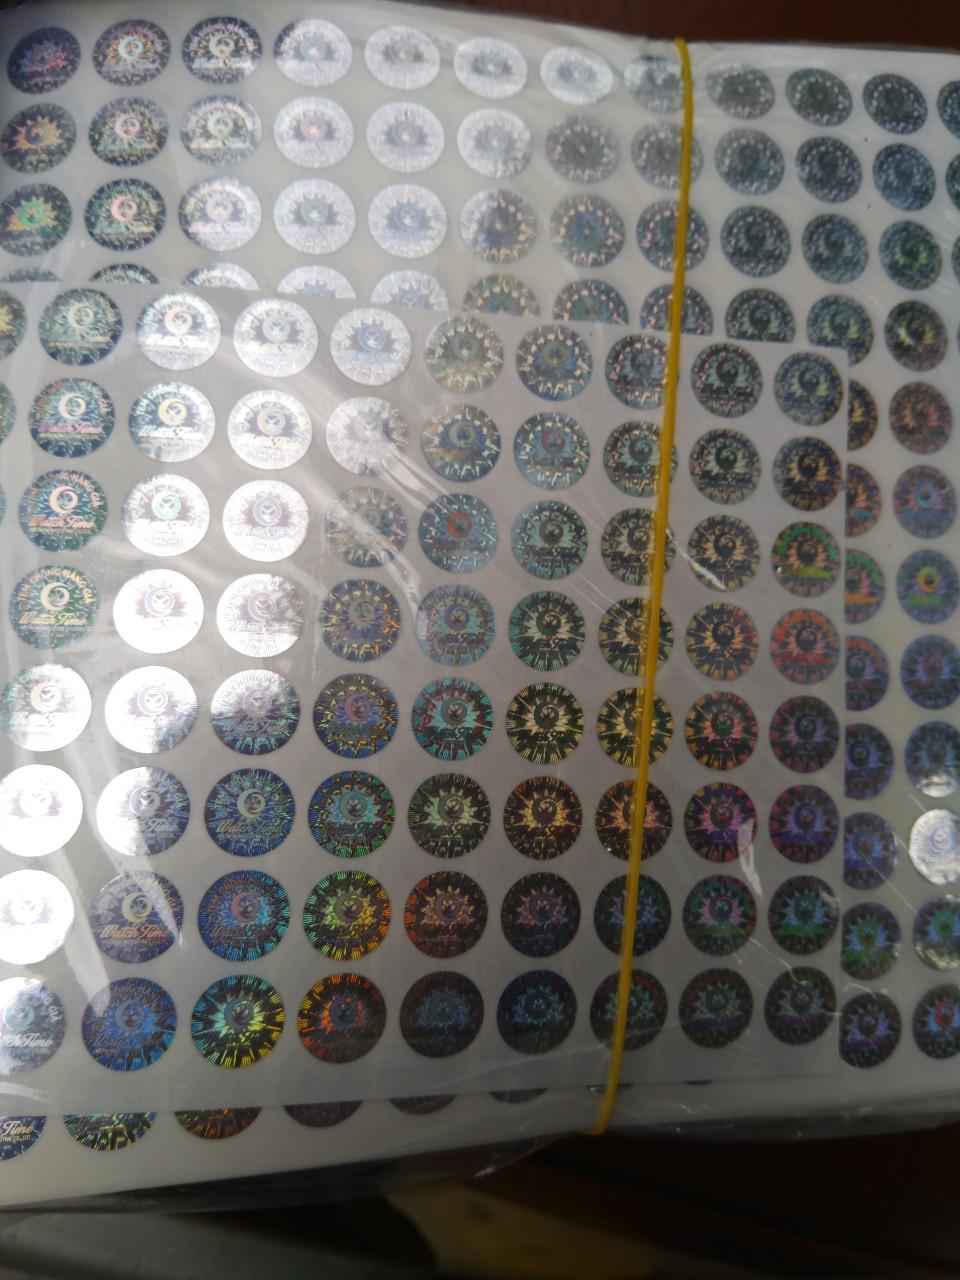 Làm tem mủn giá chỉ từ 81VND/một cái tem ở Xã Mỹ Lộc, Huyện Phù Mỹ, Tỉnh BìnhĐịnh